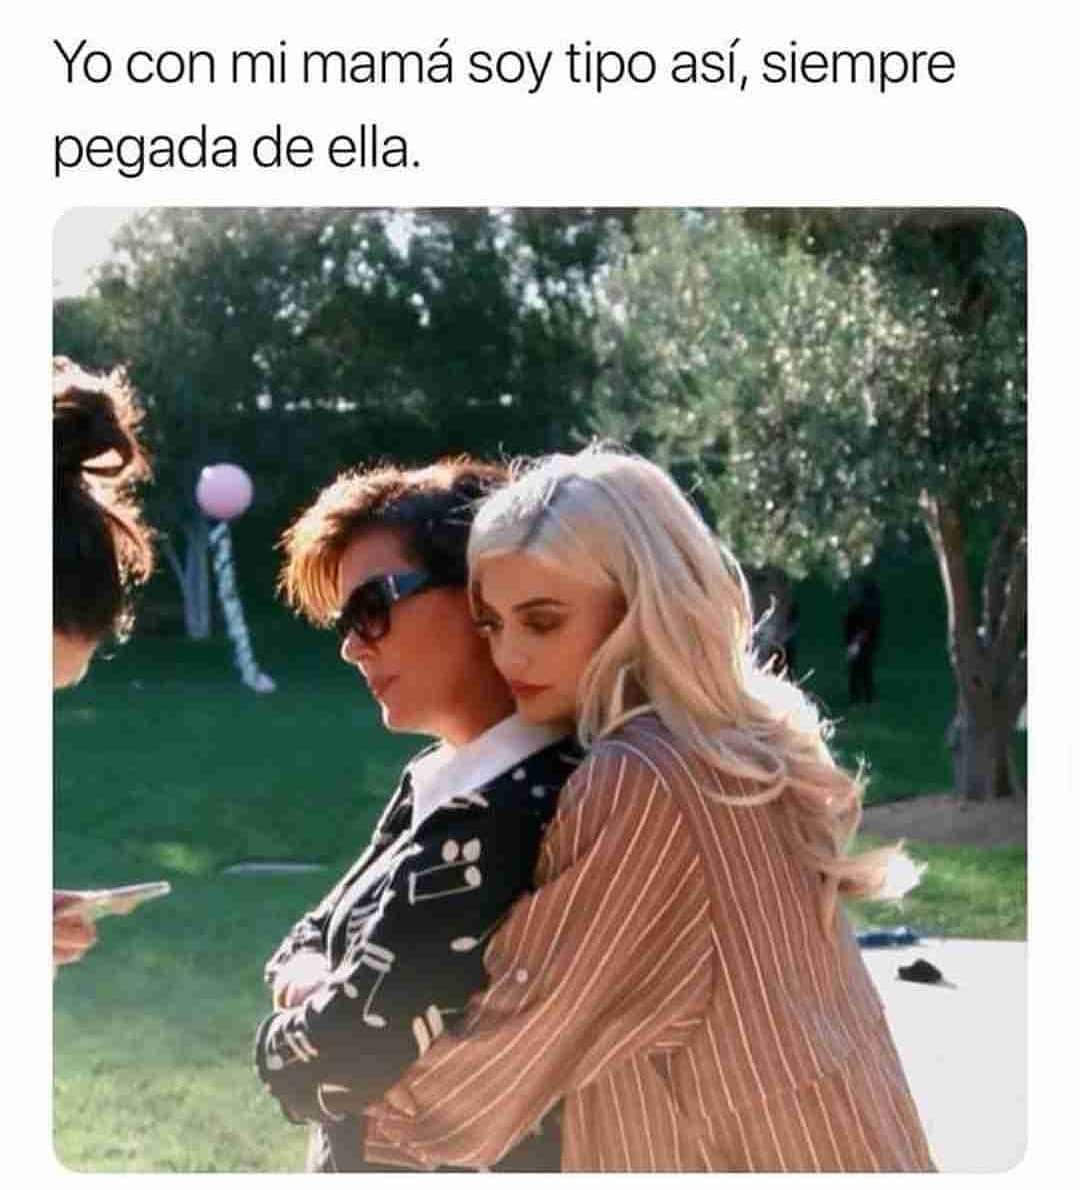 Yo con mi mamá soy tipo así, siempre pegada de ella.